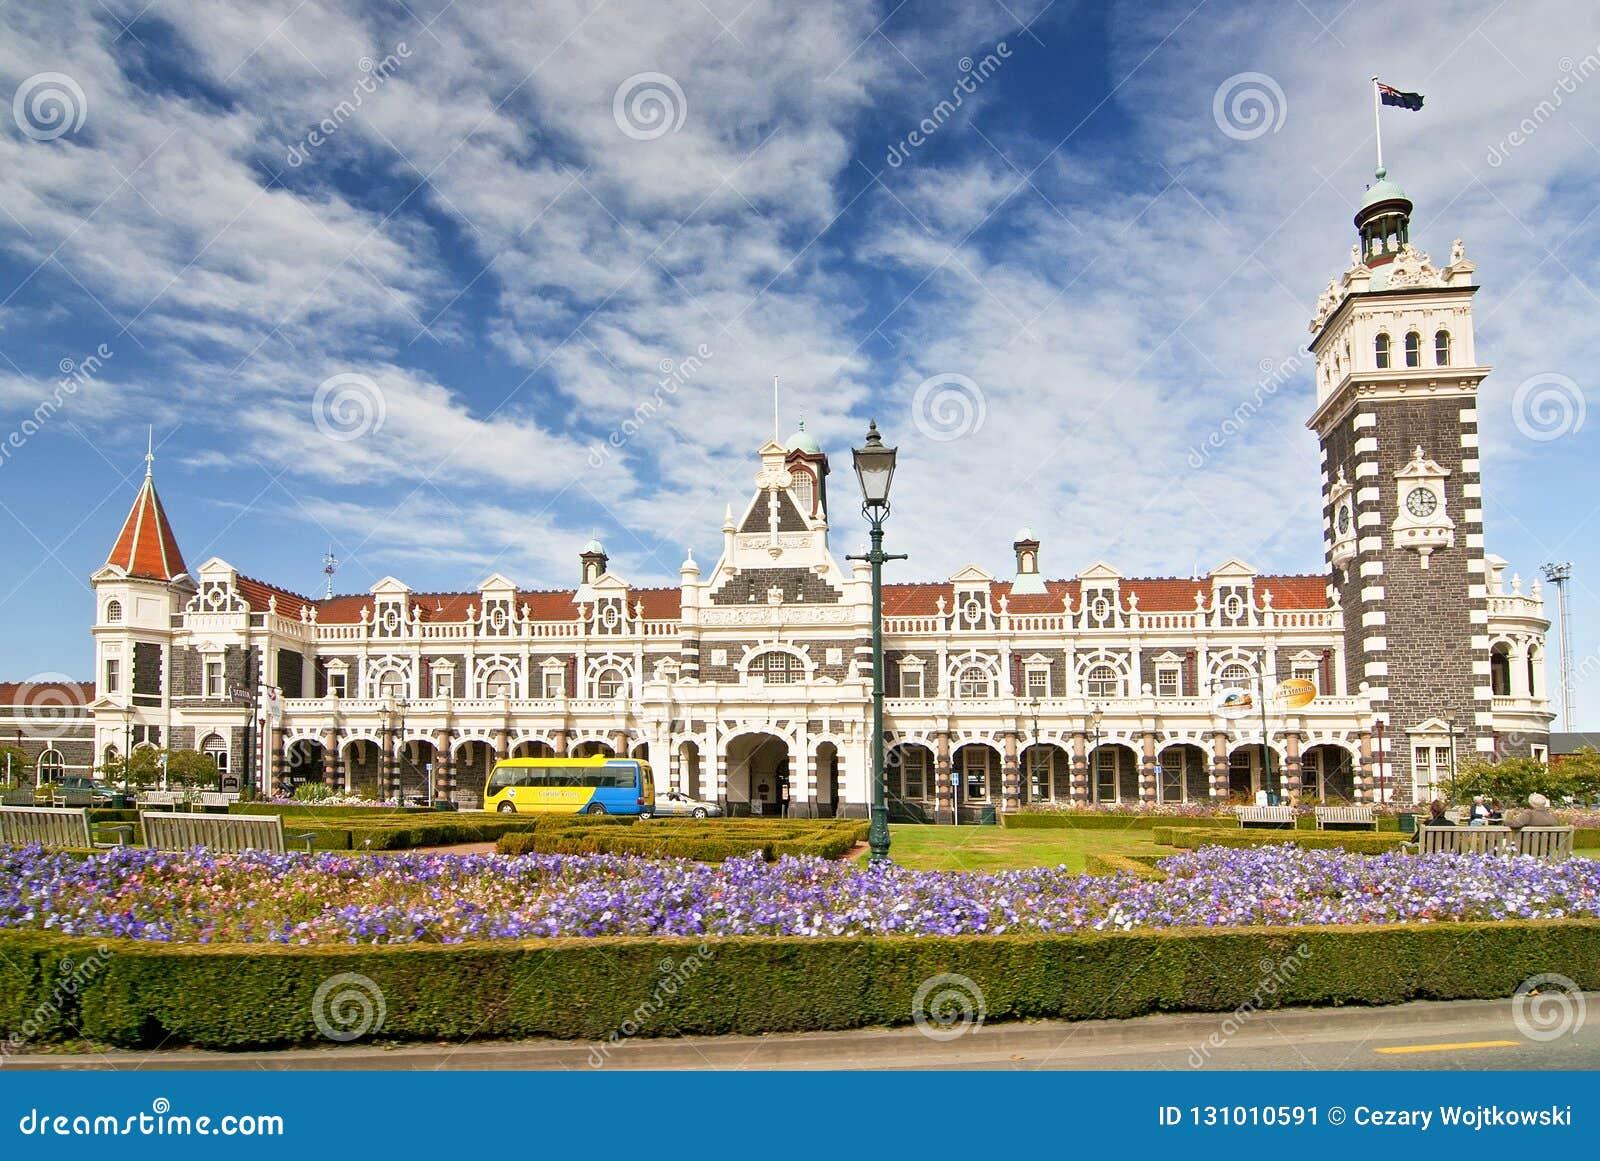 Historyczna stacja kolejowa w Dunedin, Otago, Południowa wyspa, Nowa Zelandia